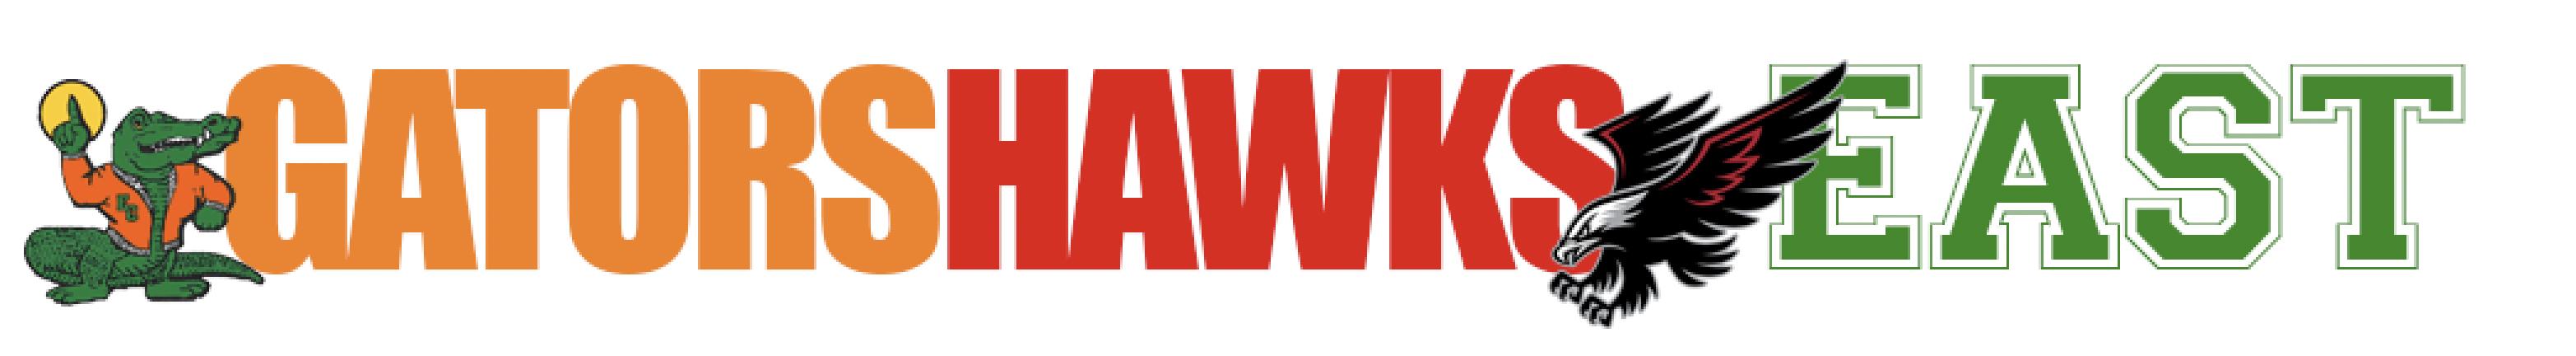 Gators-Hawks East